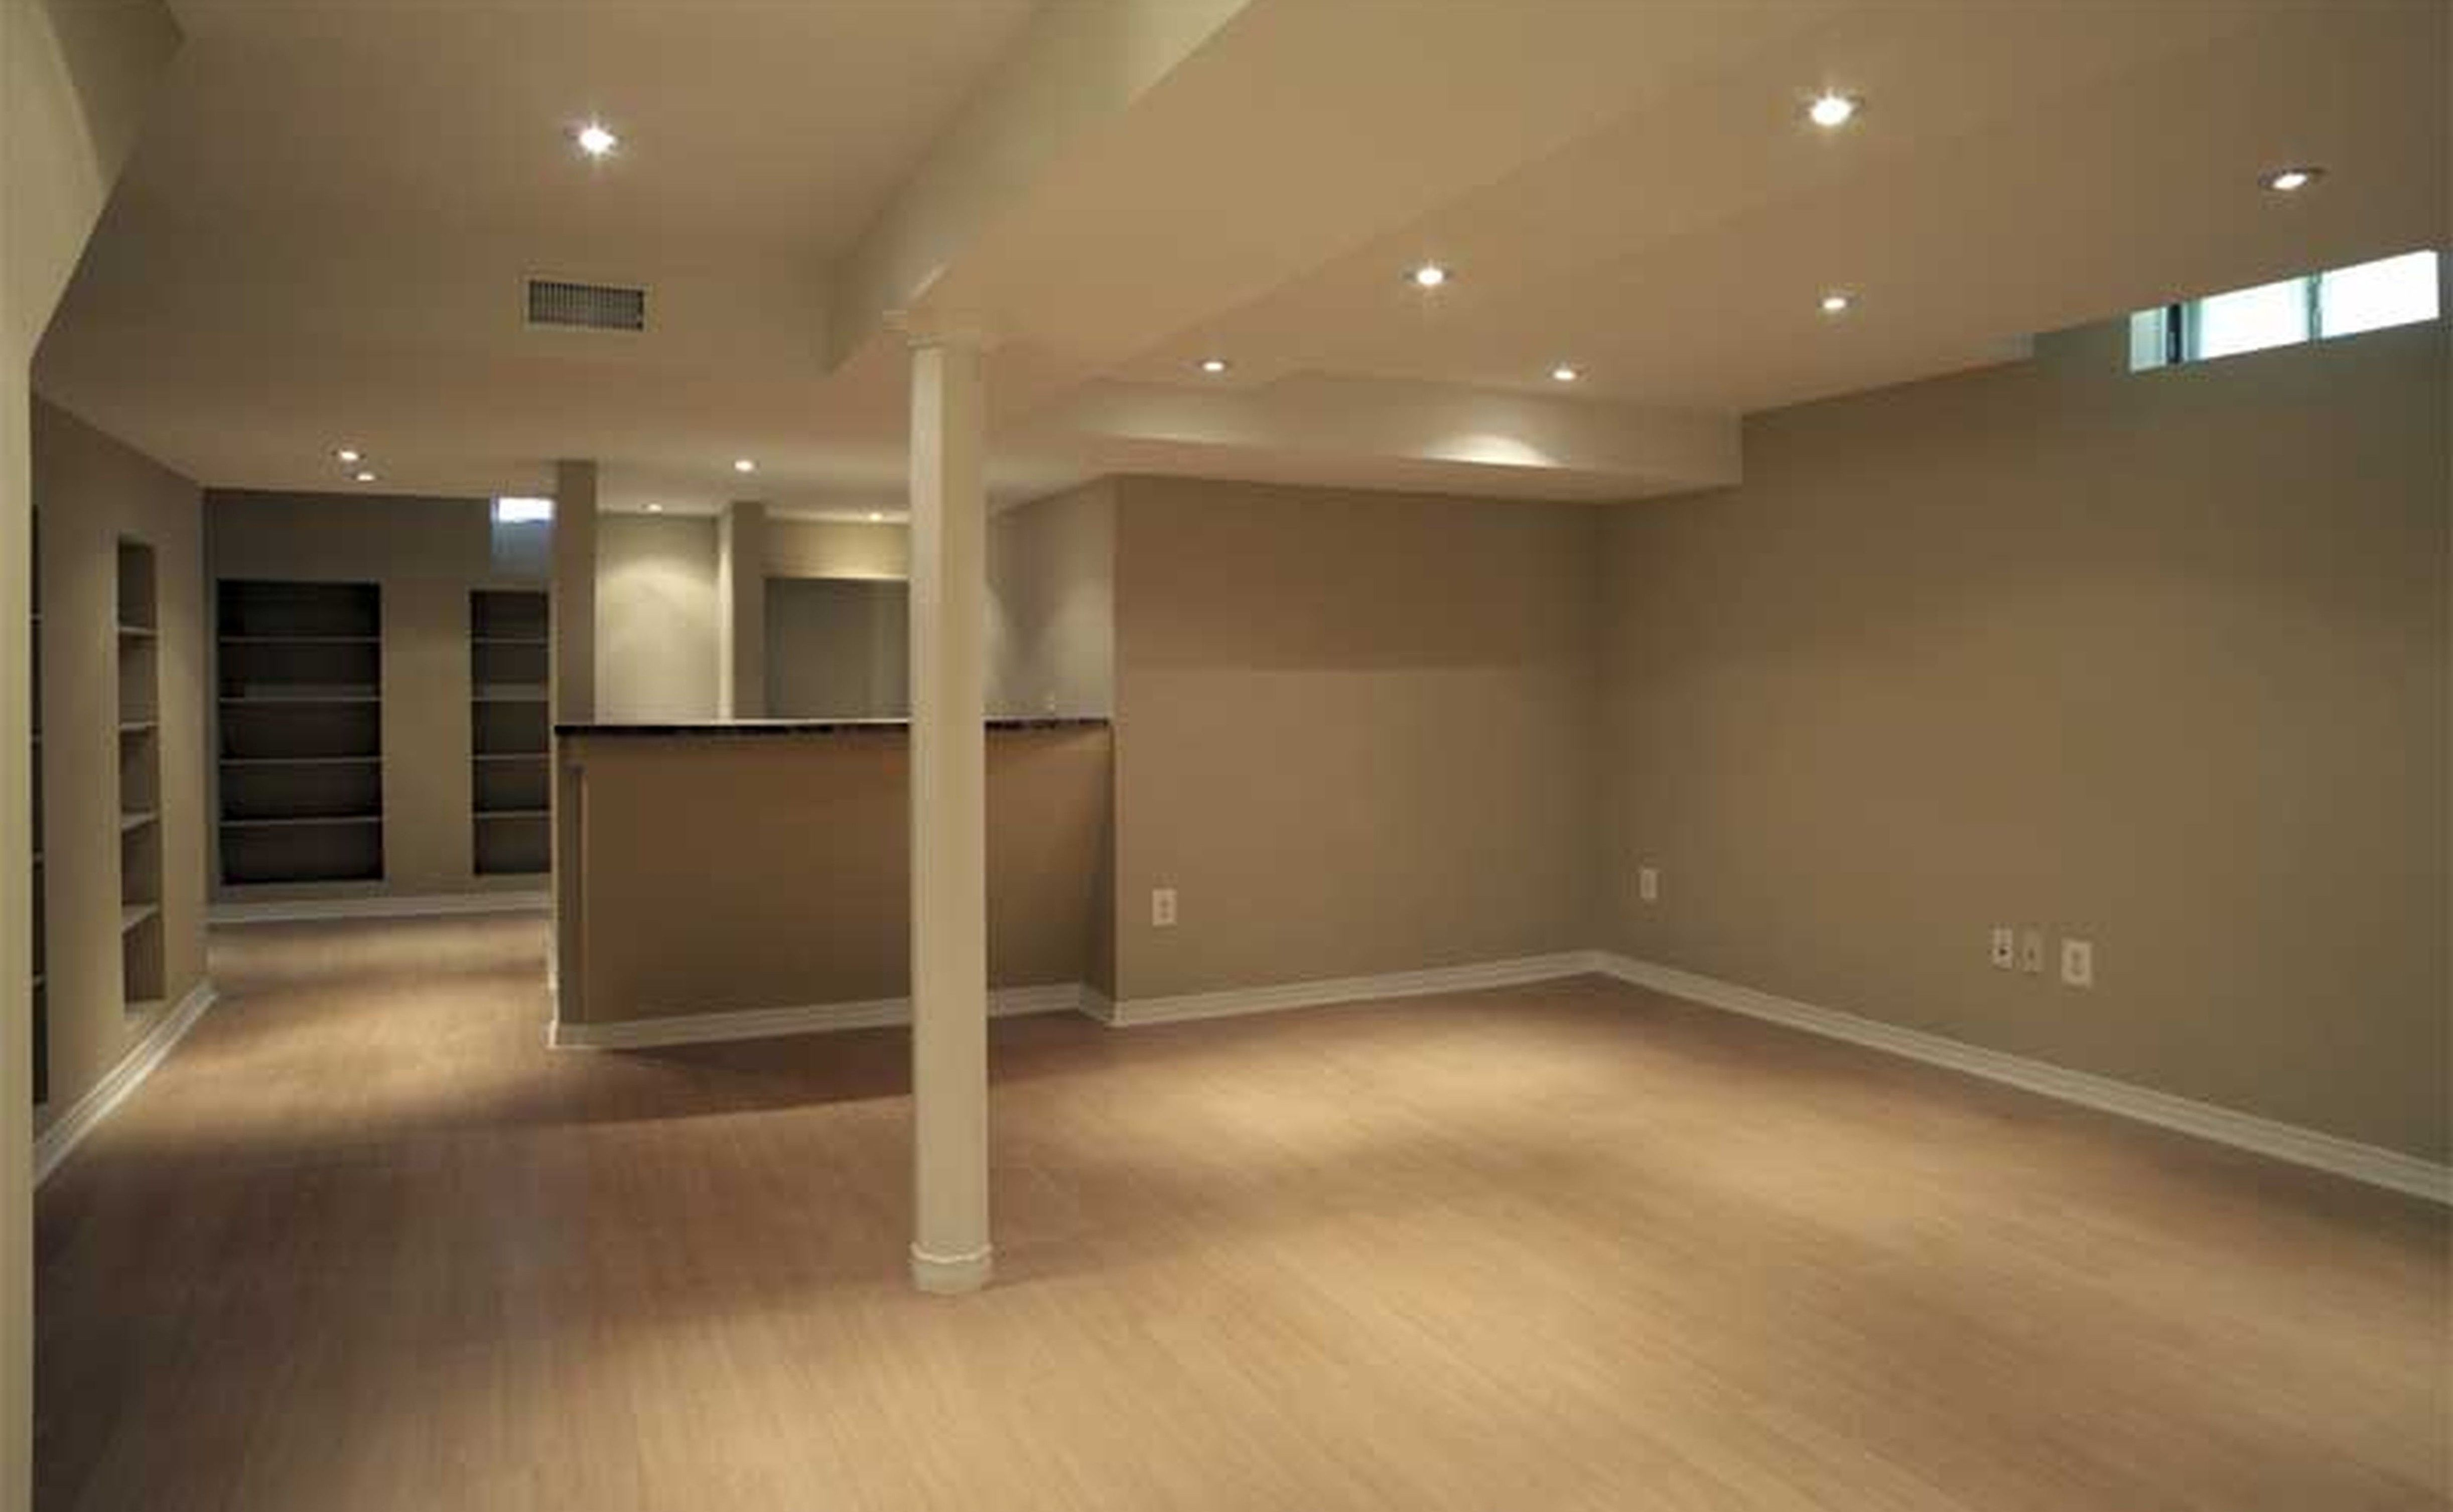 Wonderous Prep For Painting Basement Floor Painting Floor In Basement Samples Flooring Basement Remodeling Basement Remodel Diy Basement Flooring Waterproof